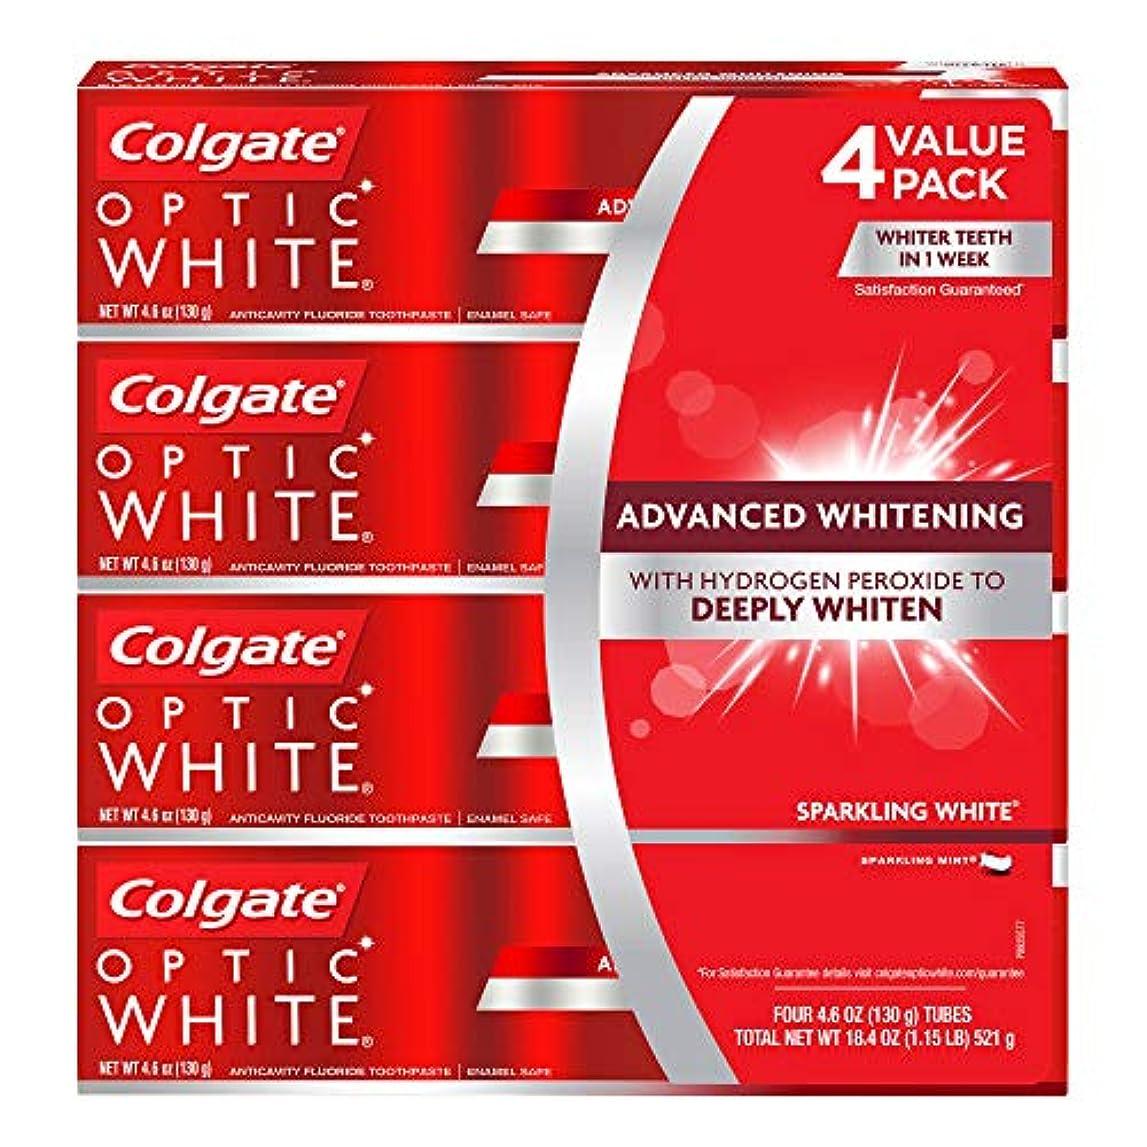 荒涼とした論争写真を撮る海外直送品 コルゲートオプティックホワイトスパークリングホワイト 歯磨き粉 Colgate Optic White Sparkling White Toothpaste, Sparkling Mint (4.6 oz,...